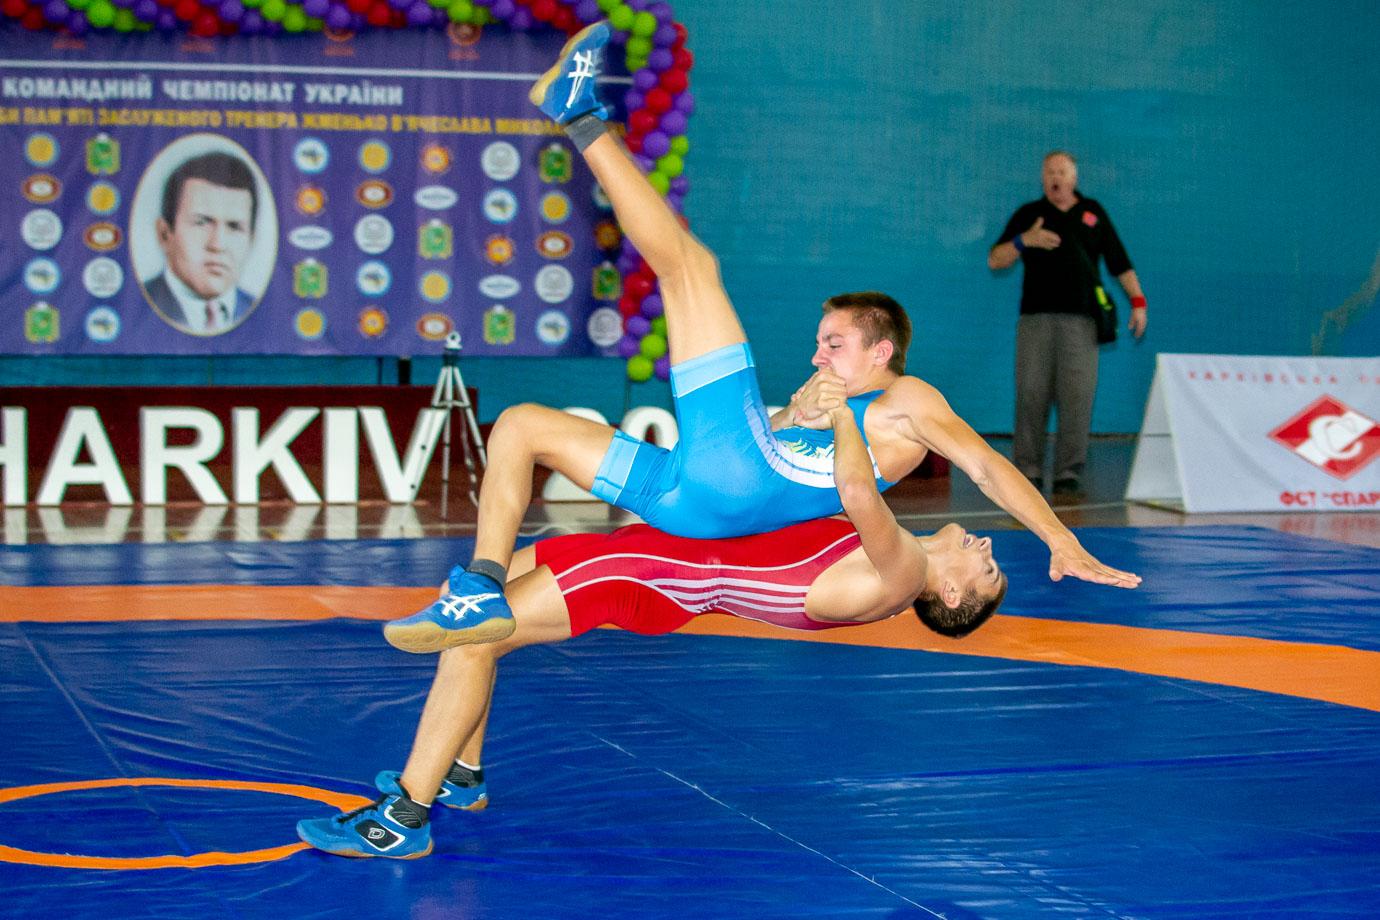 Фотографии. Командный чемпионат Украины по греко-римской борьбе